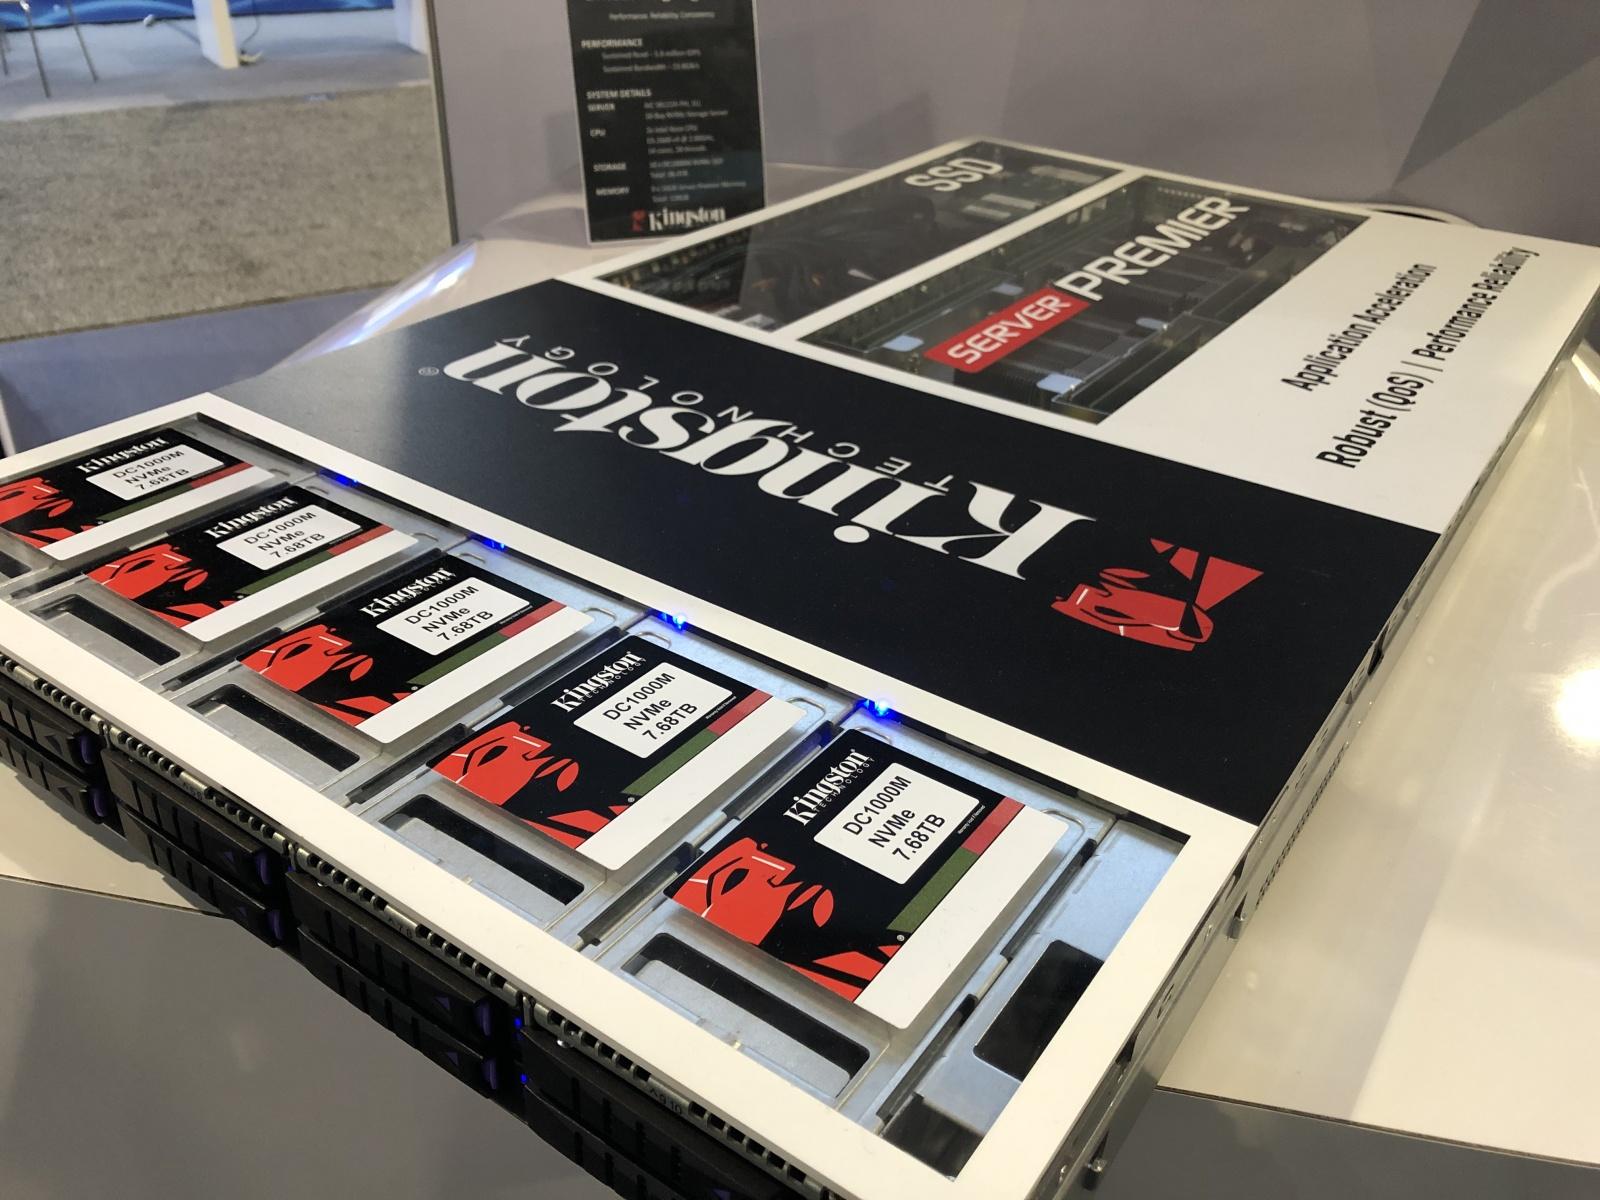 [Supercomputing 2019]. Мультиоблачное хранилище как сфера применения новых накопителей Kingston DC1000M - 4